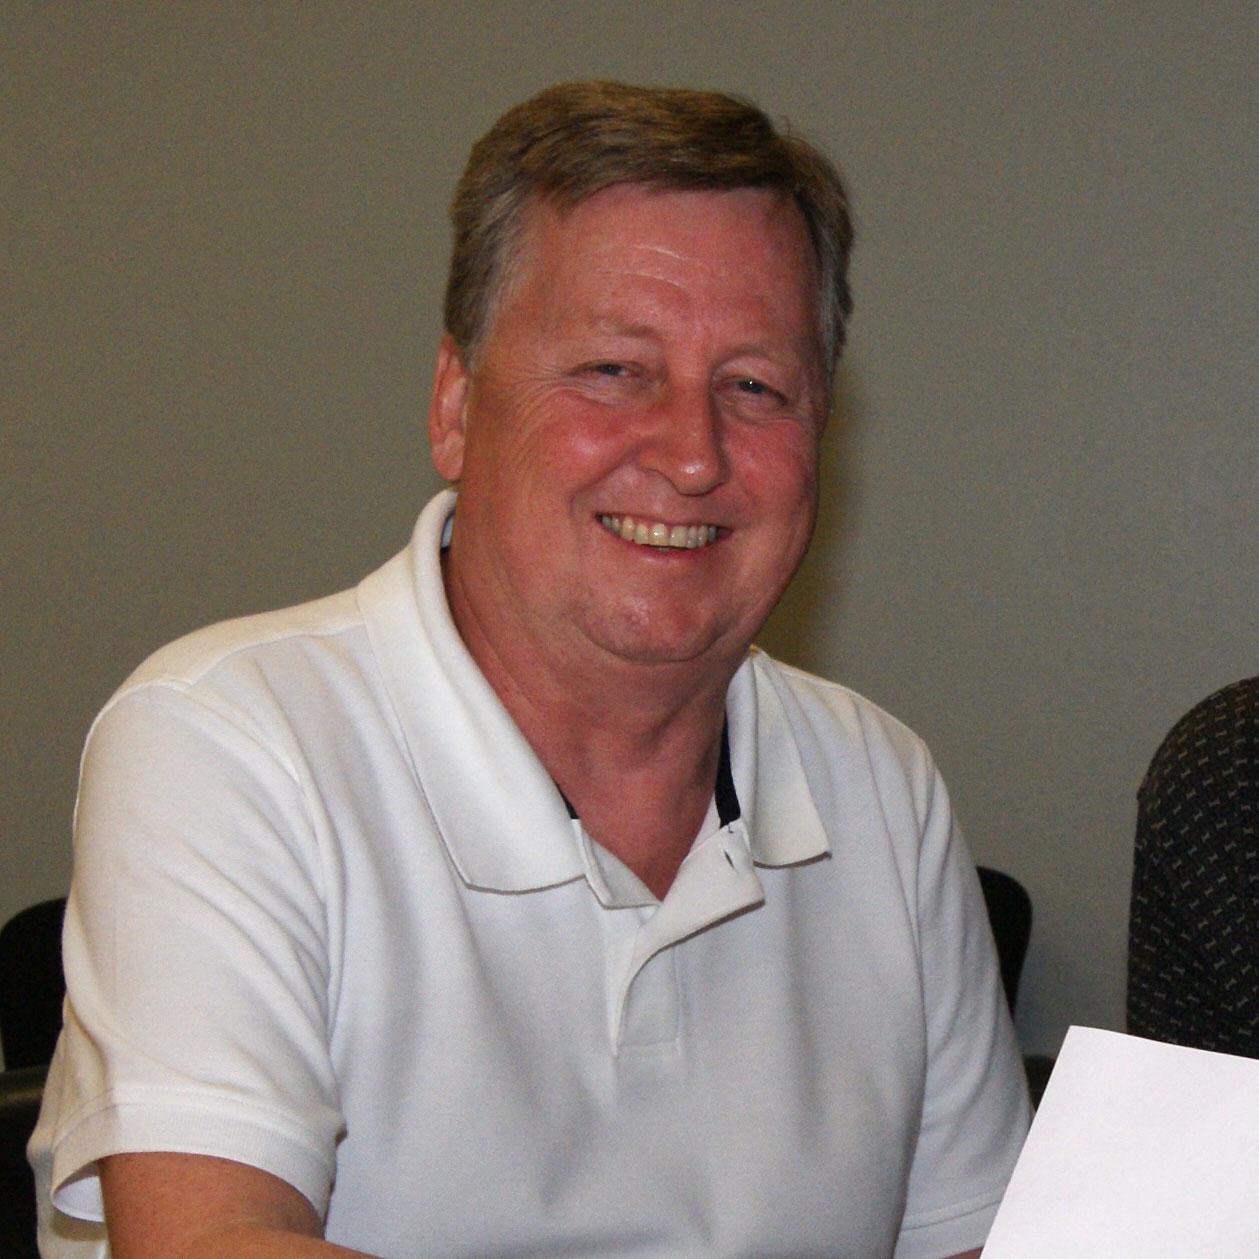 Ross Clark